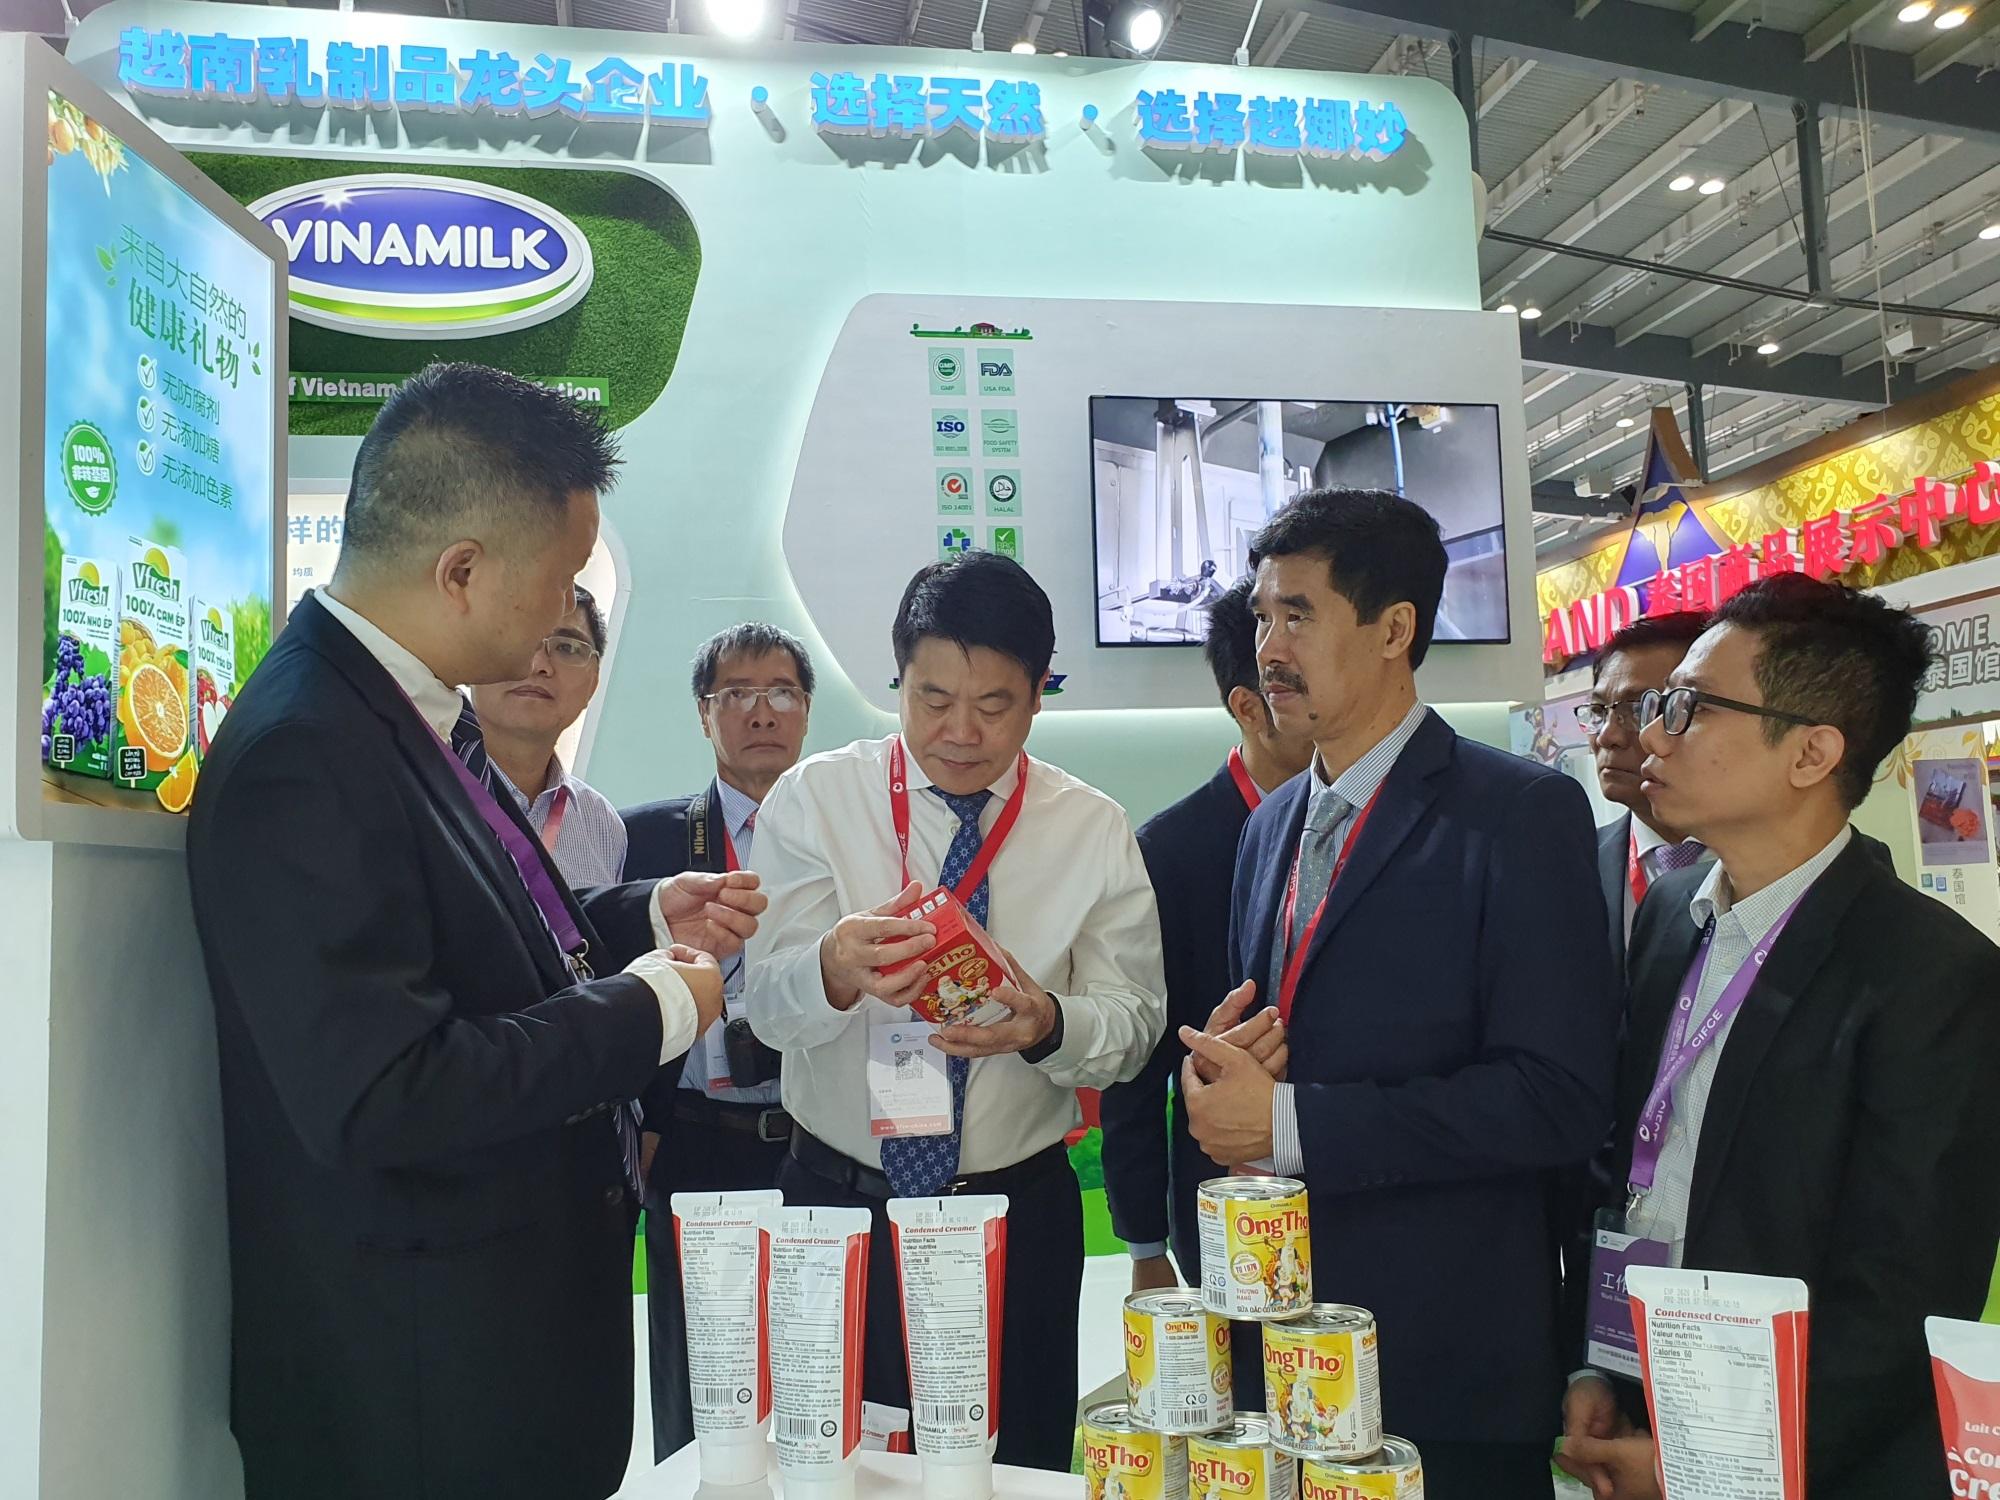 Giới thiệu sản phẩm Vinamilk tại Trung Quốc, ngành sữa Việt Nam tự tin mang chuông đi đánh xứ người - Ảnh 2